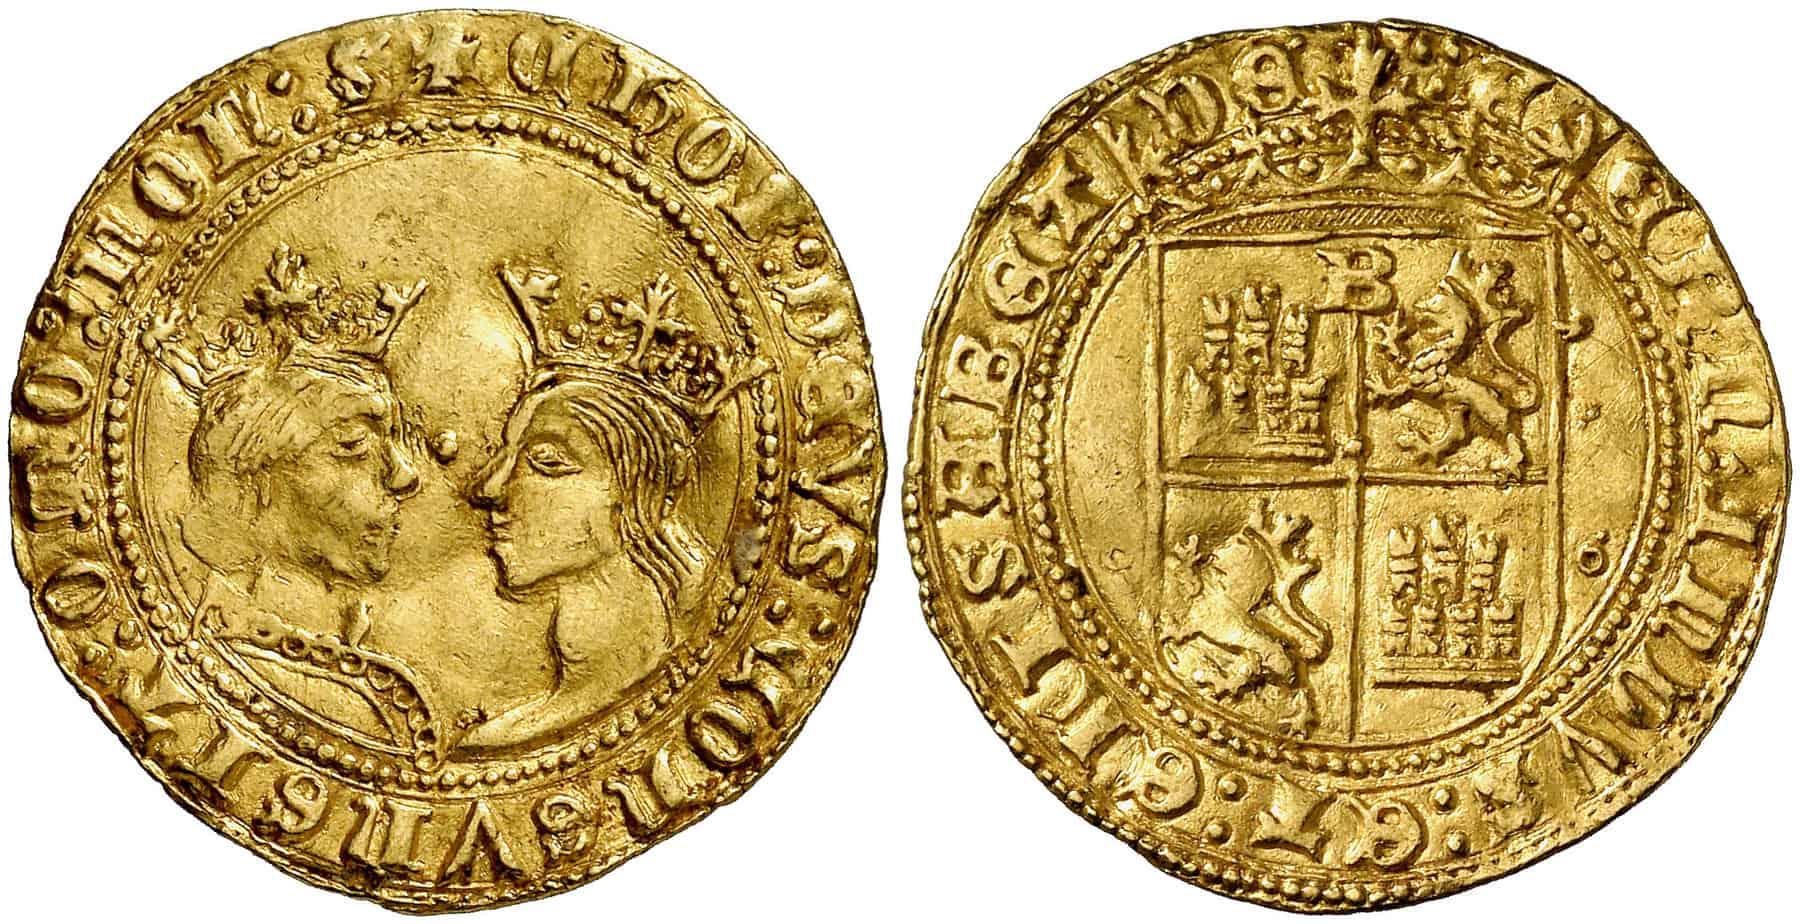 Documento de los Reyes Católicos sobre la acuñación de castellanos en Burgos